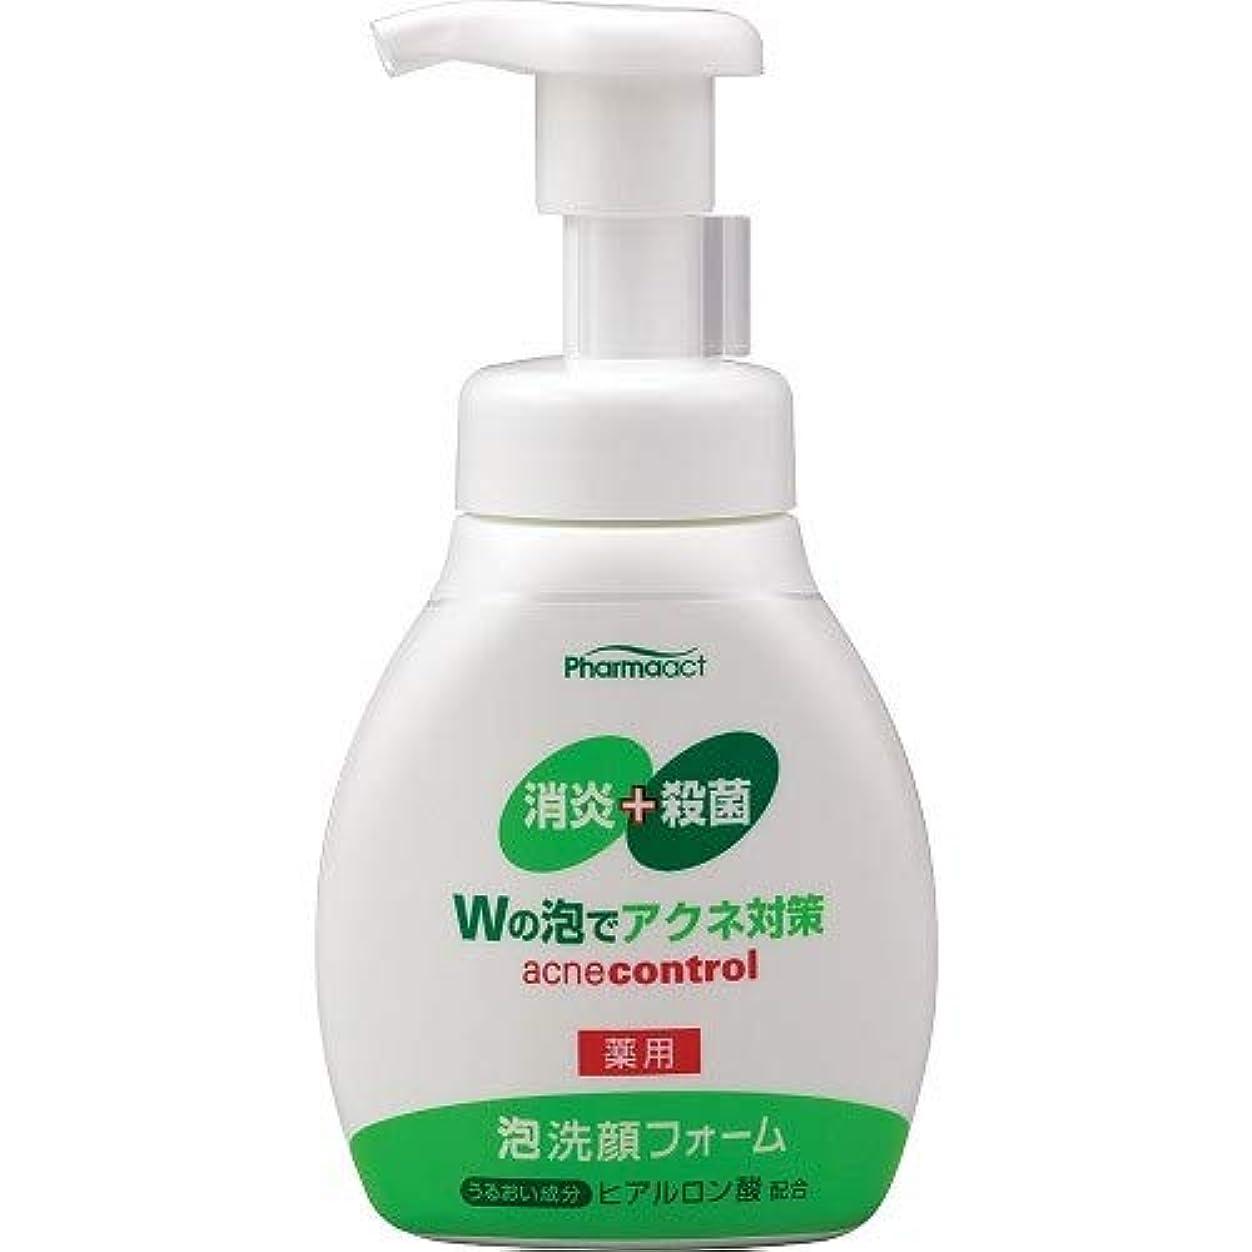 スイ太陽アソシエイトファーマアクト アクネ対策 薬用 泡洗顔フォーム 180ml